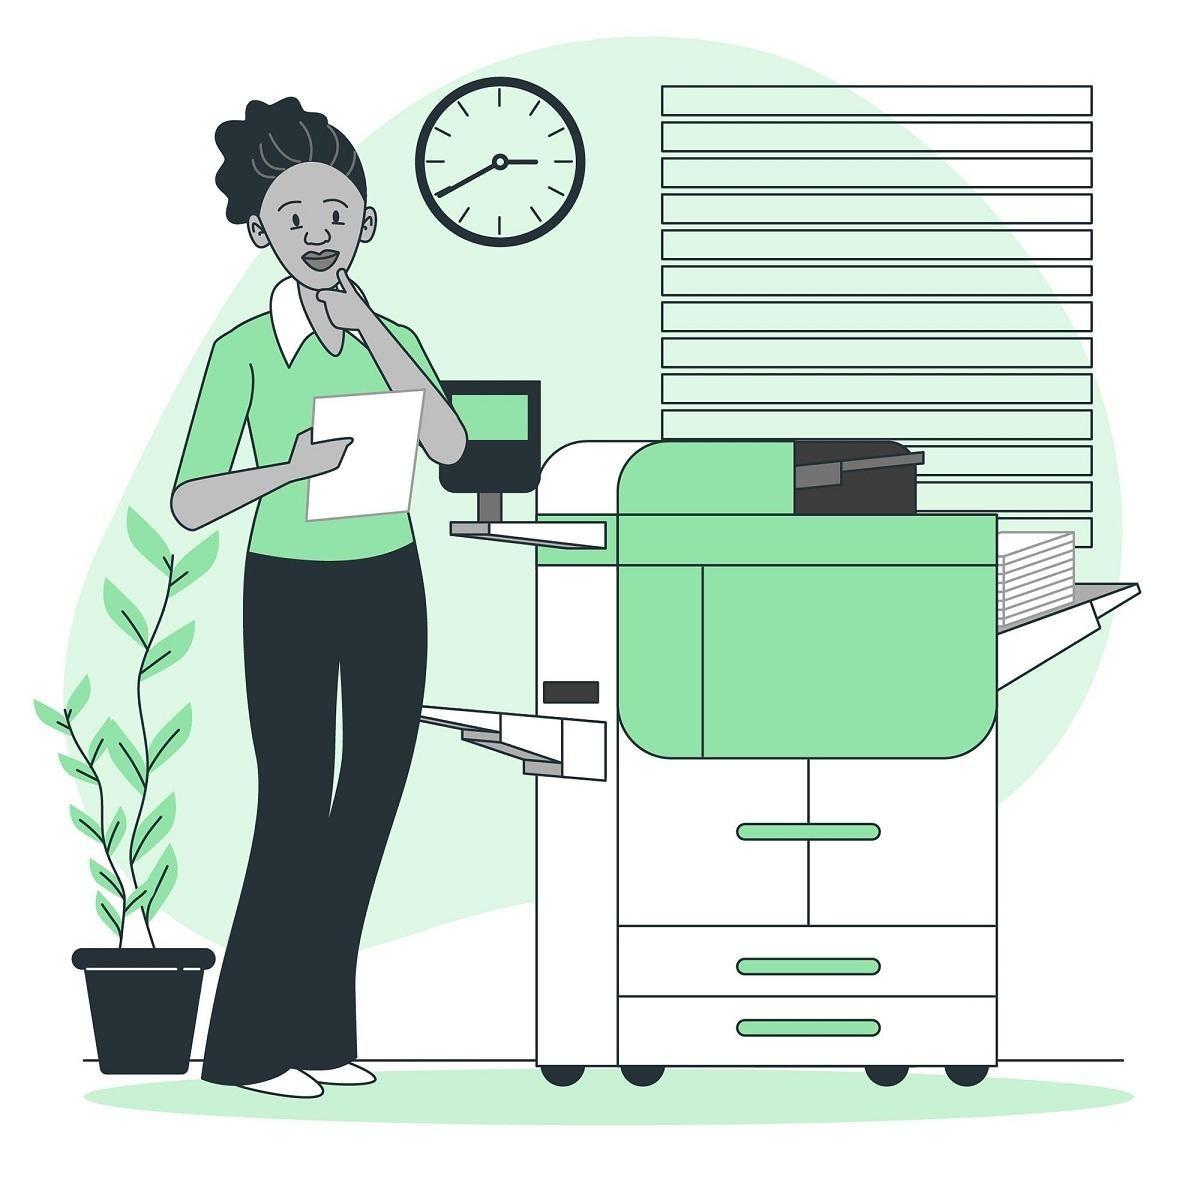 Impressão no Excel: Como imprimir corretamente?